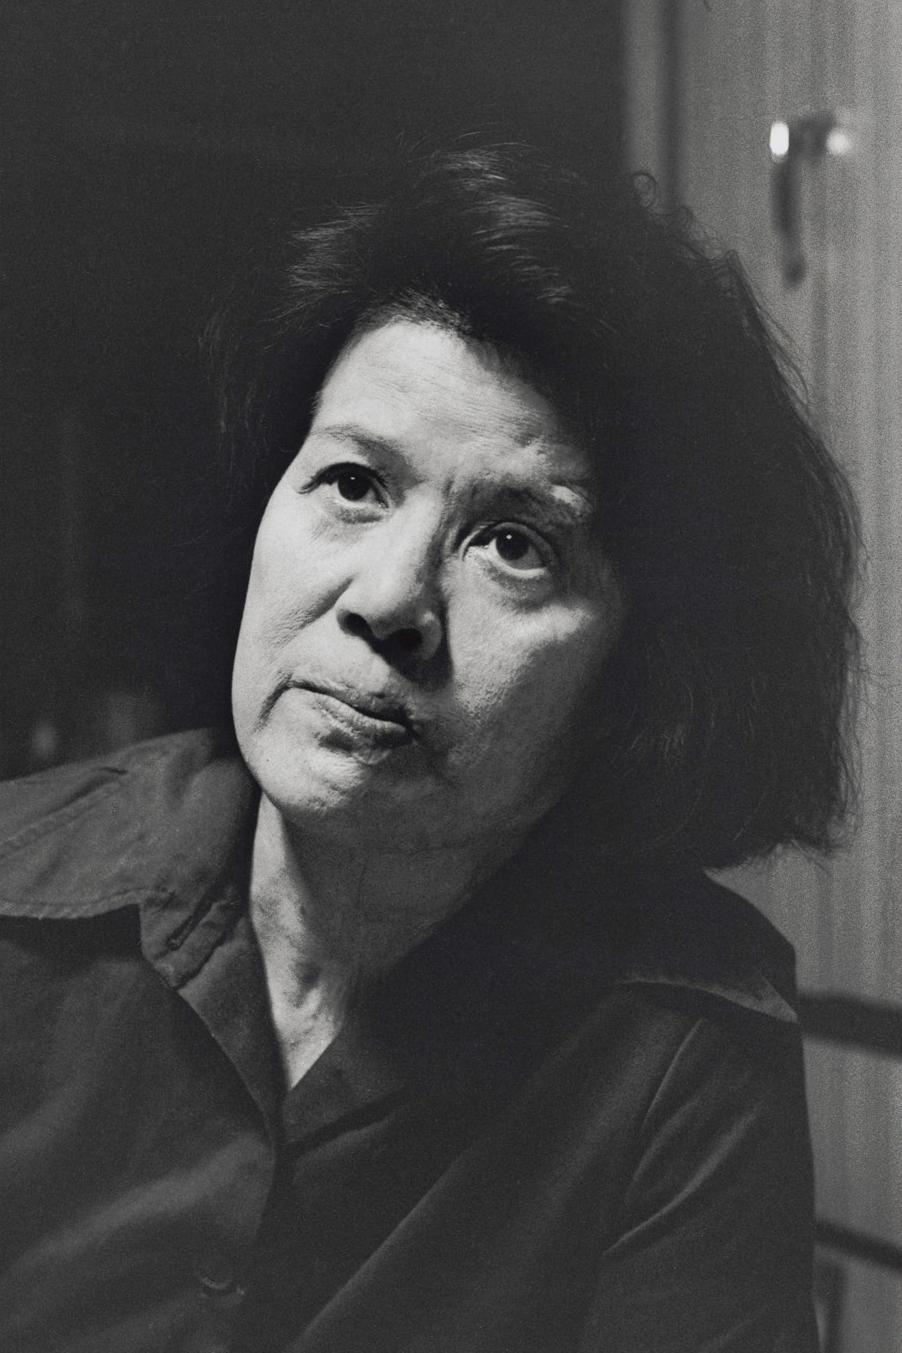 山岡ミチコ(1930年生)は、女学校から学徒動員で西電話局へ向かう途中、爆心地から800mの三川町の路上で被爆。3歳で父を亡くした母子家庭だったが、母親も被爆した(広島、1985年)©Yoshino Oishi